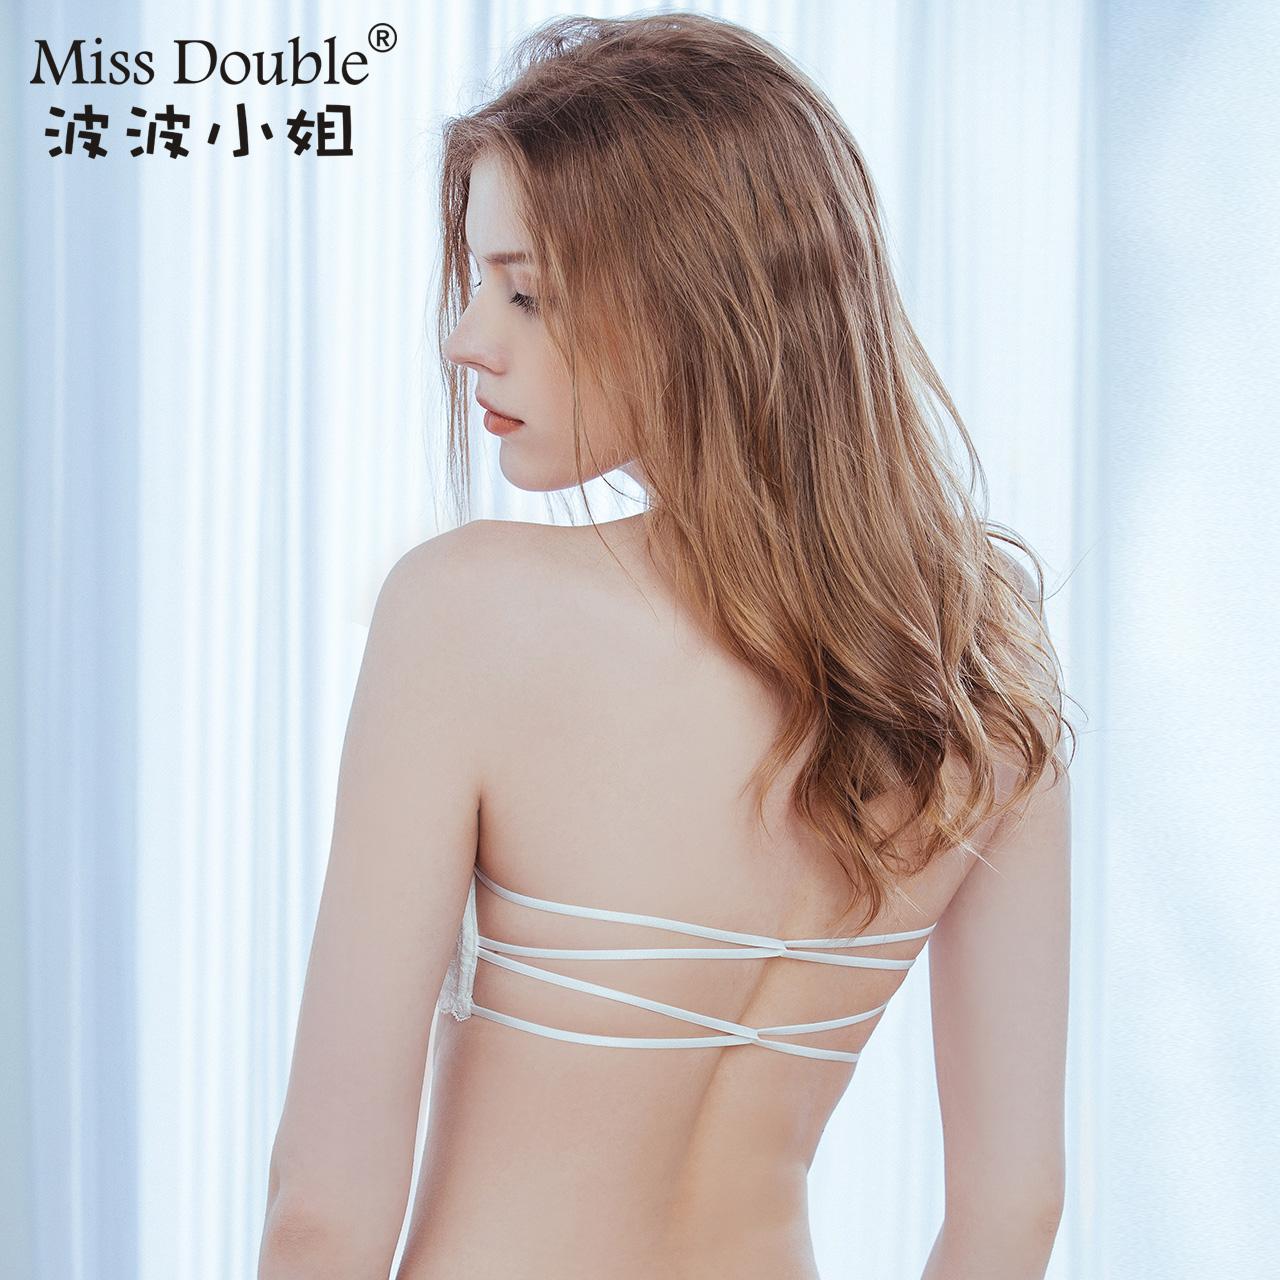 波波小姐夏裹胸薄款防走光无肩带聚拢美背大露背抹胸式文胸内衣女